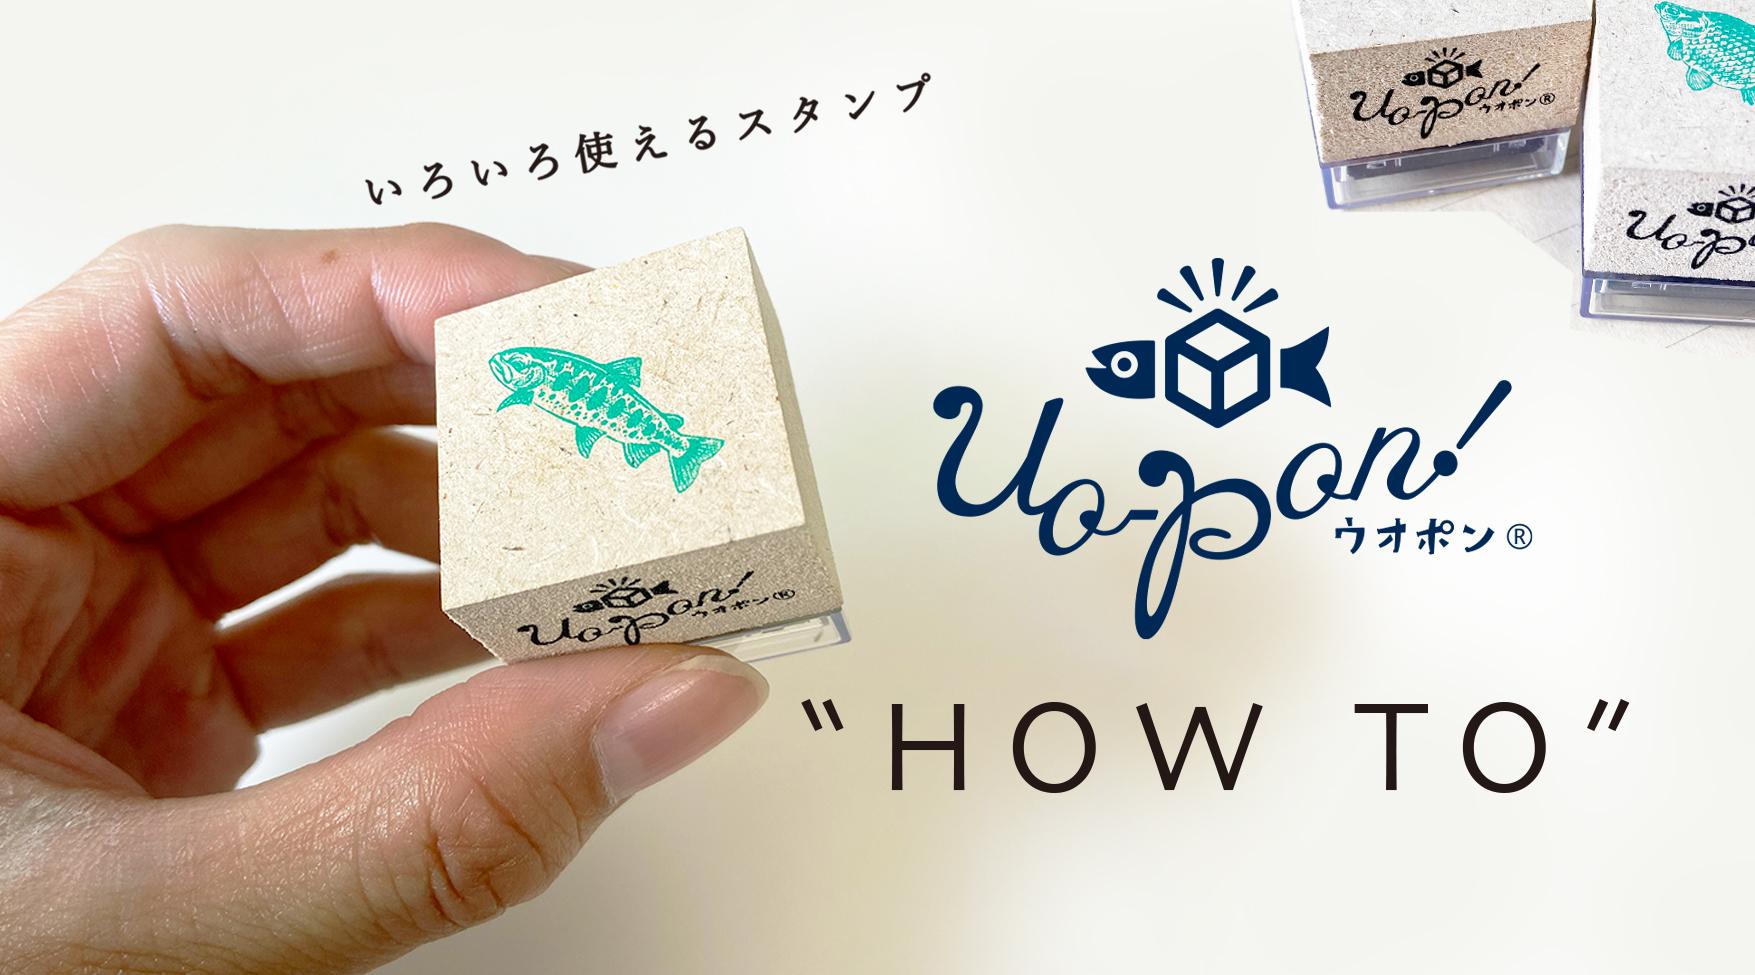 いろいろ使えるスタンプ UO-PON! HOW TO